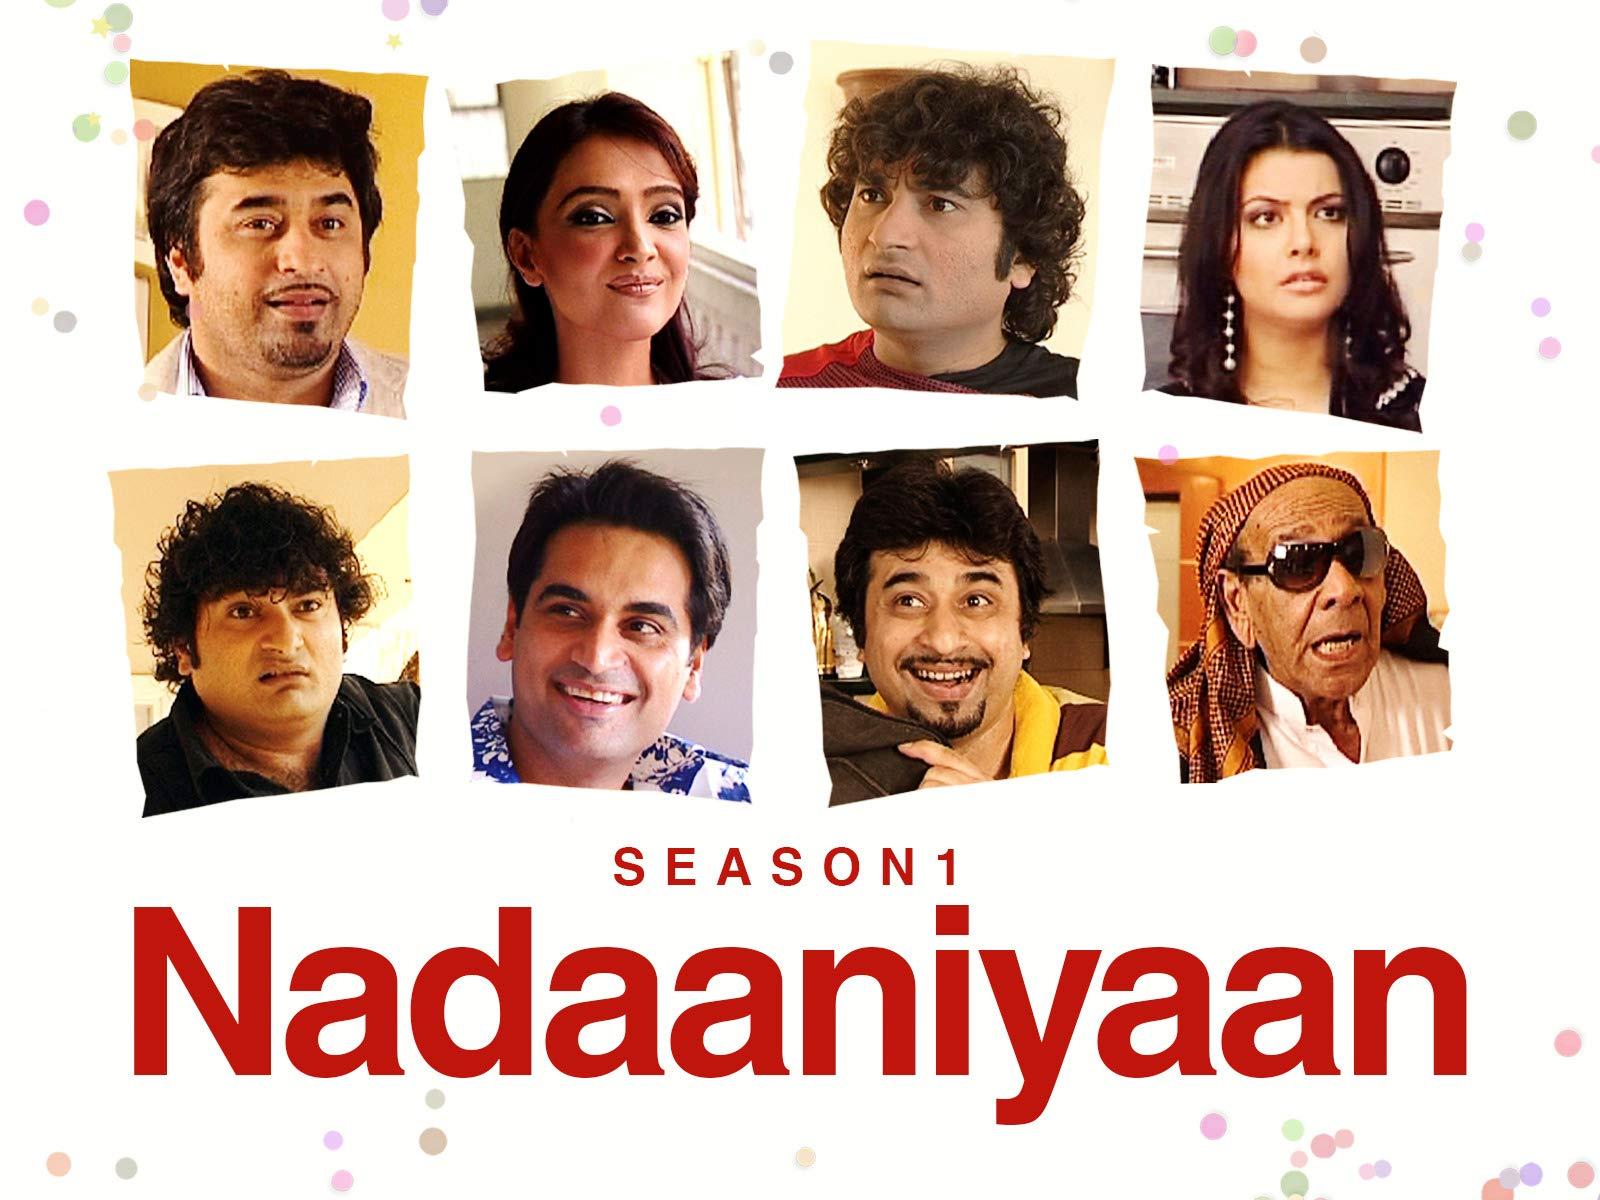 Nadaaniyaan